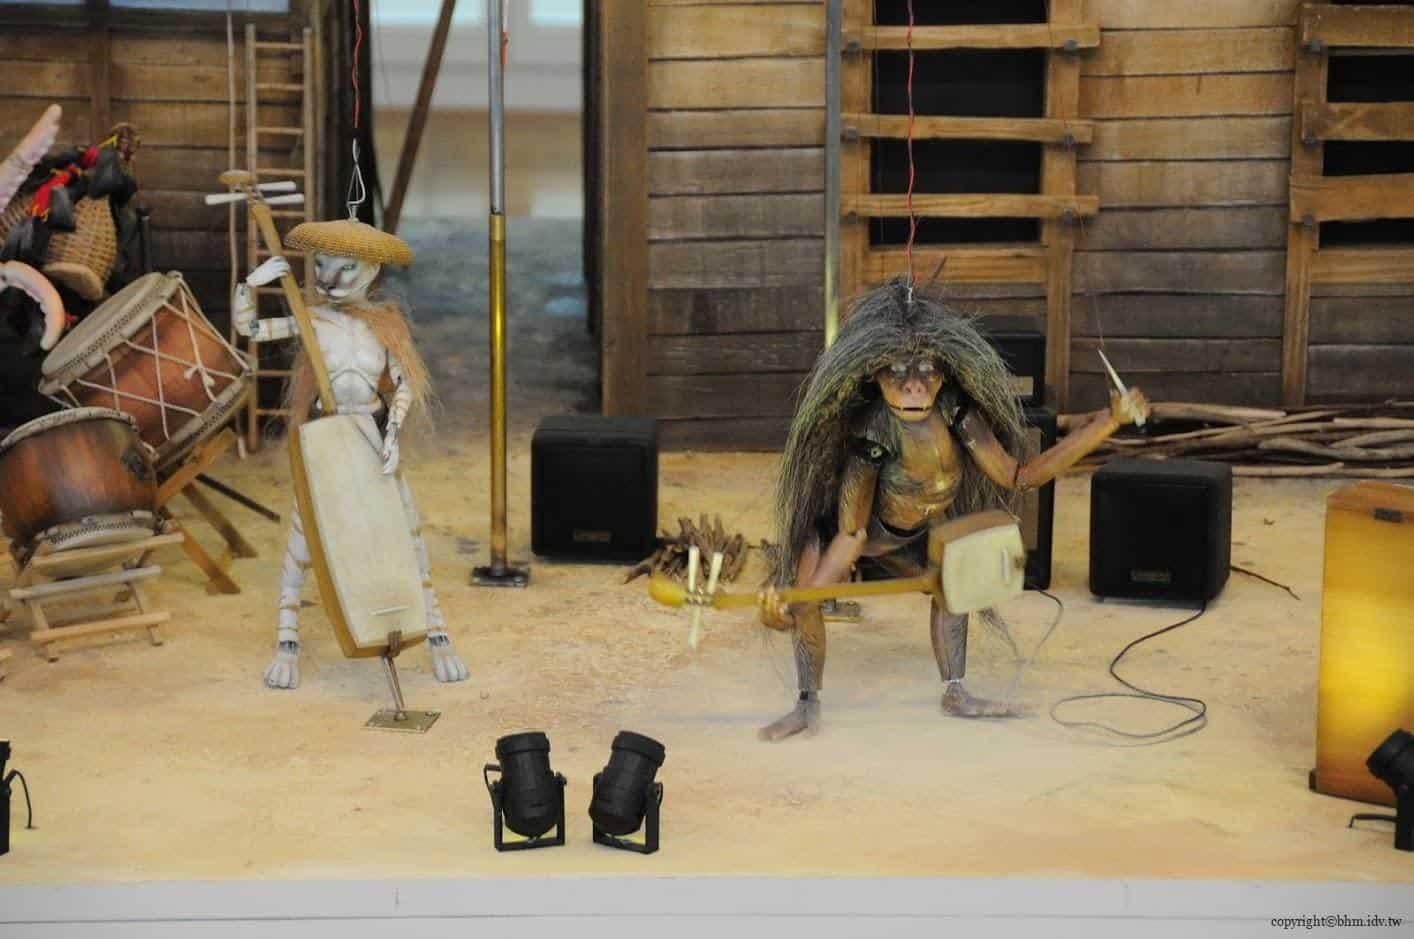 尼古拉‧達羅,上鄉樂團-四季之歌,由八爪章魚、猿人、猴子與白熊提線玩偶組成的樂隊,為前來的遊客獻唱多首關於津南四季的曲目 上鄉樂團-四季之歌 上鄉樂團-四季之歌 the kamigo band Songs for the Seasons 04